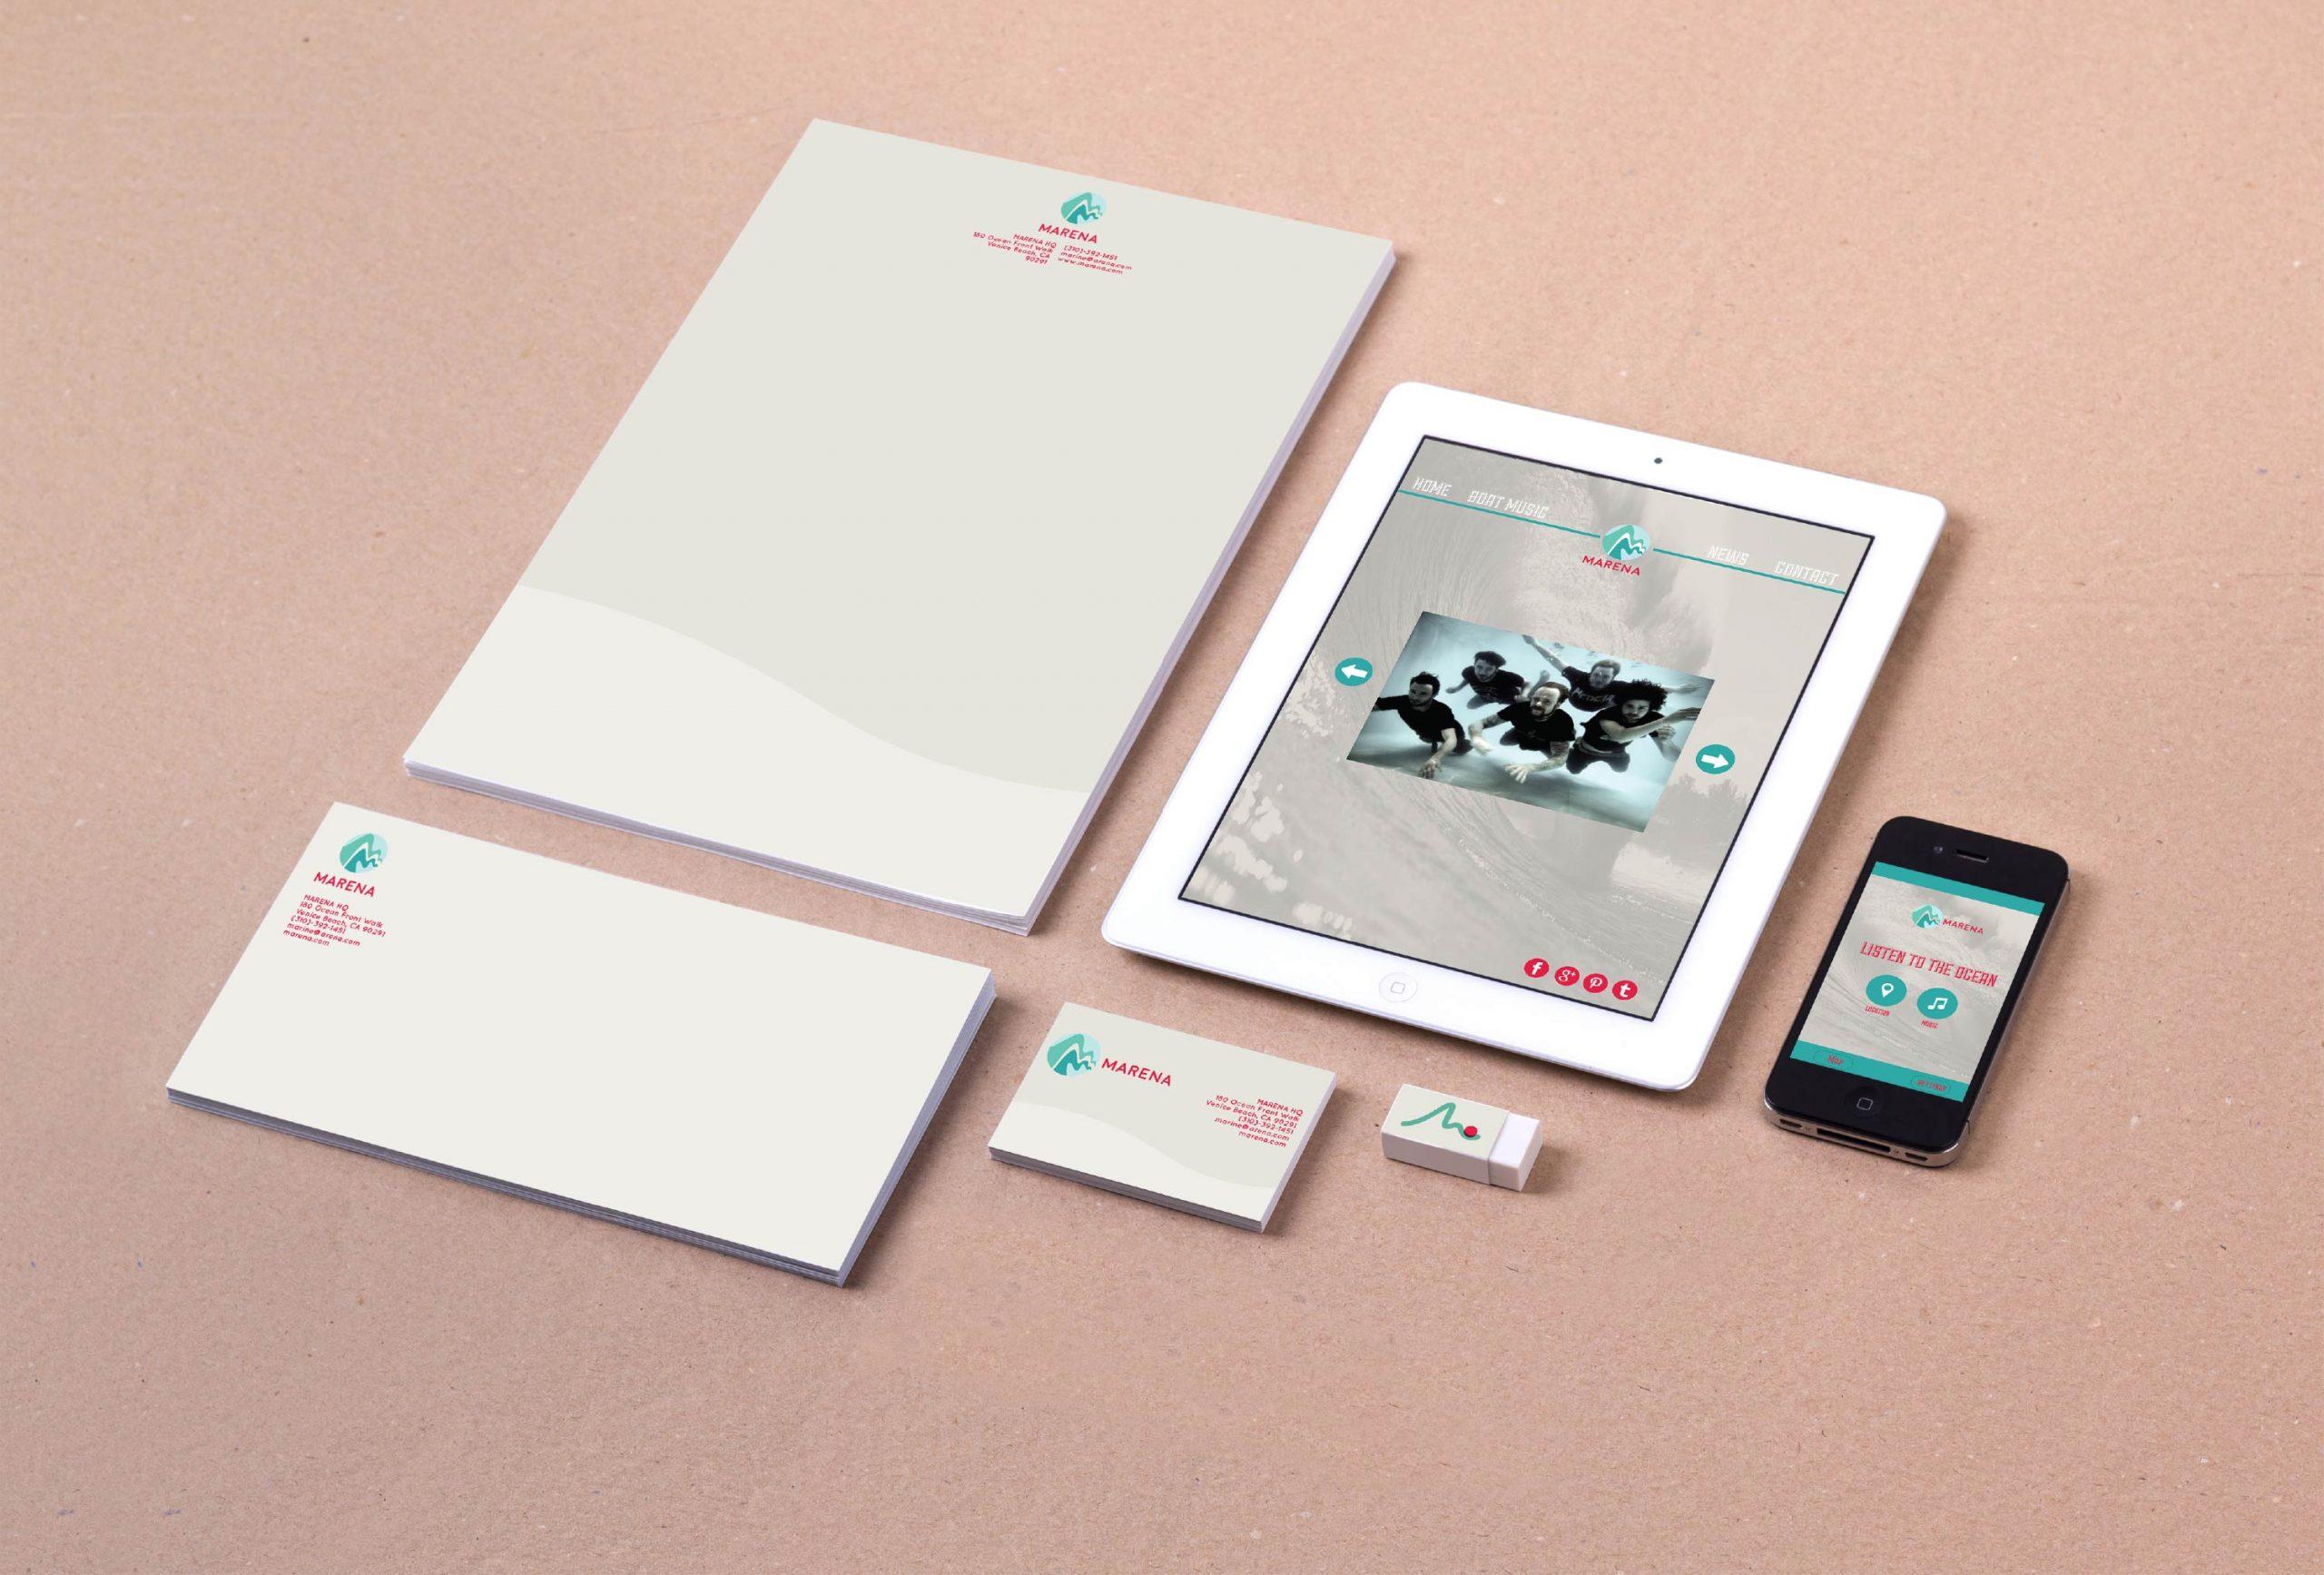 Company Identity & Promo Design